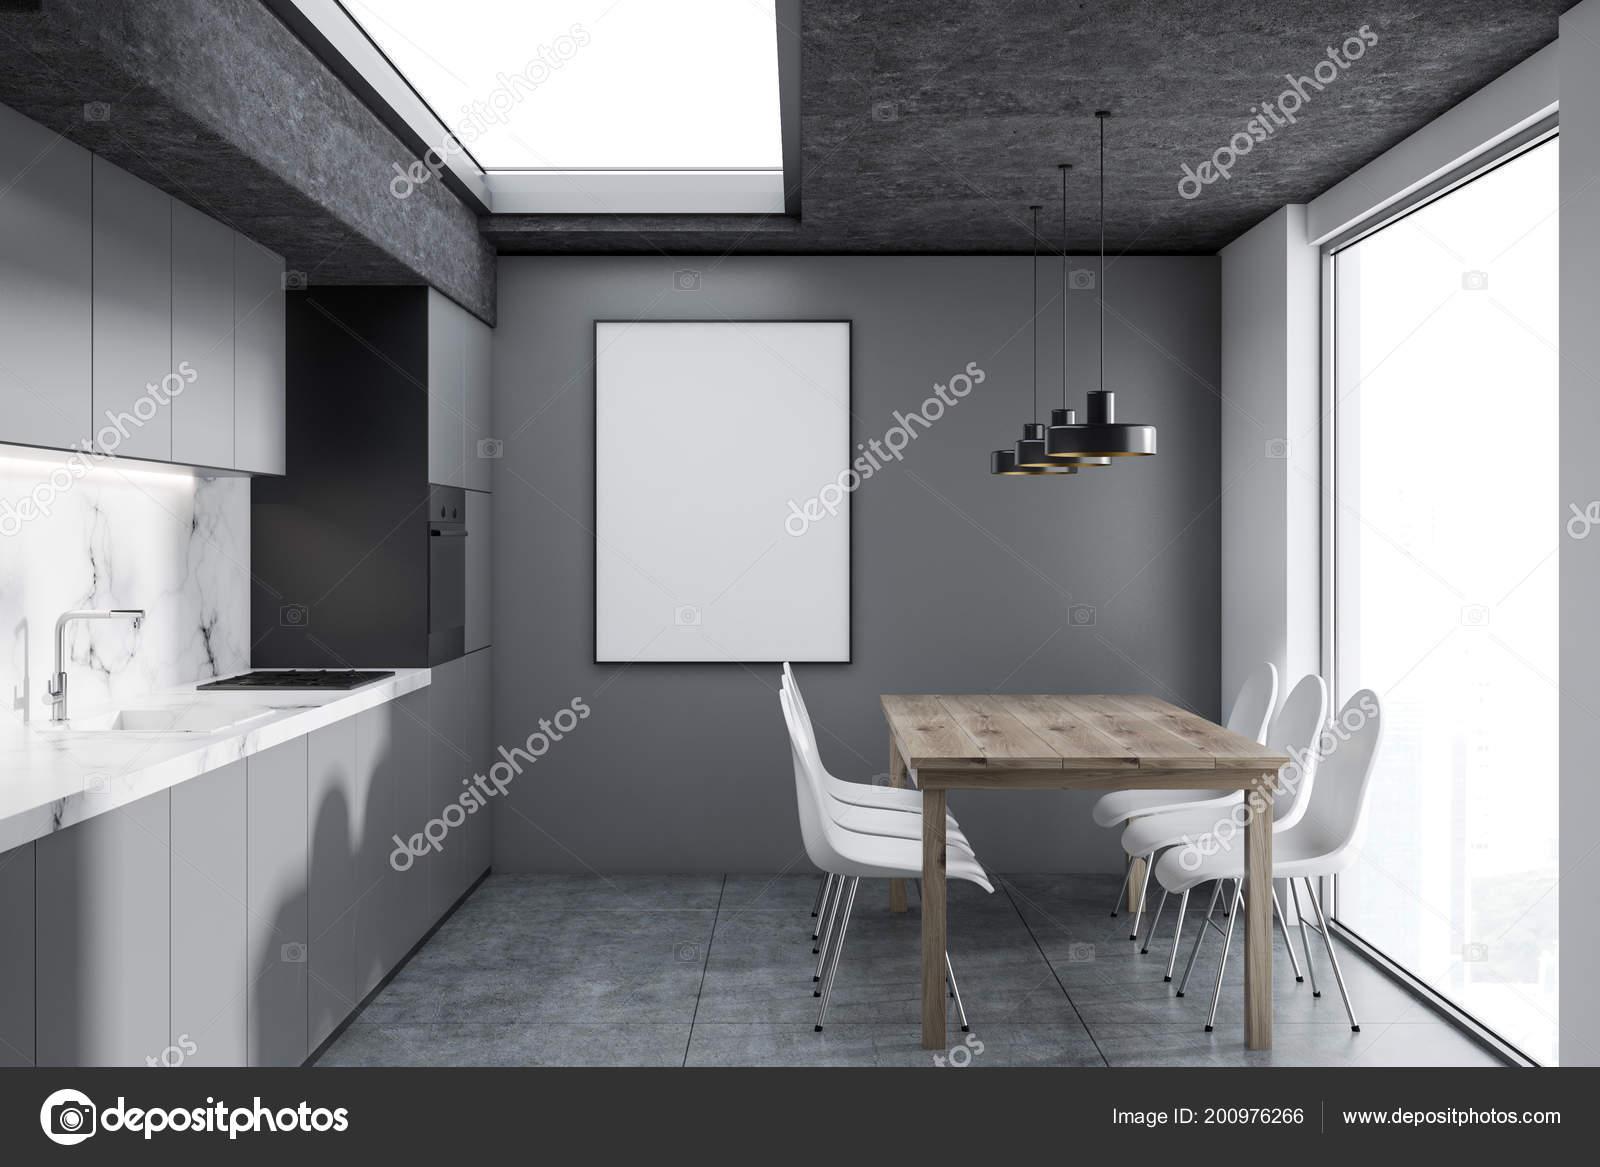 Moderne küche interieur mit weißem marmor und grauen wänden einem